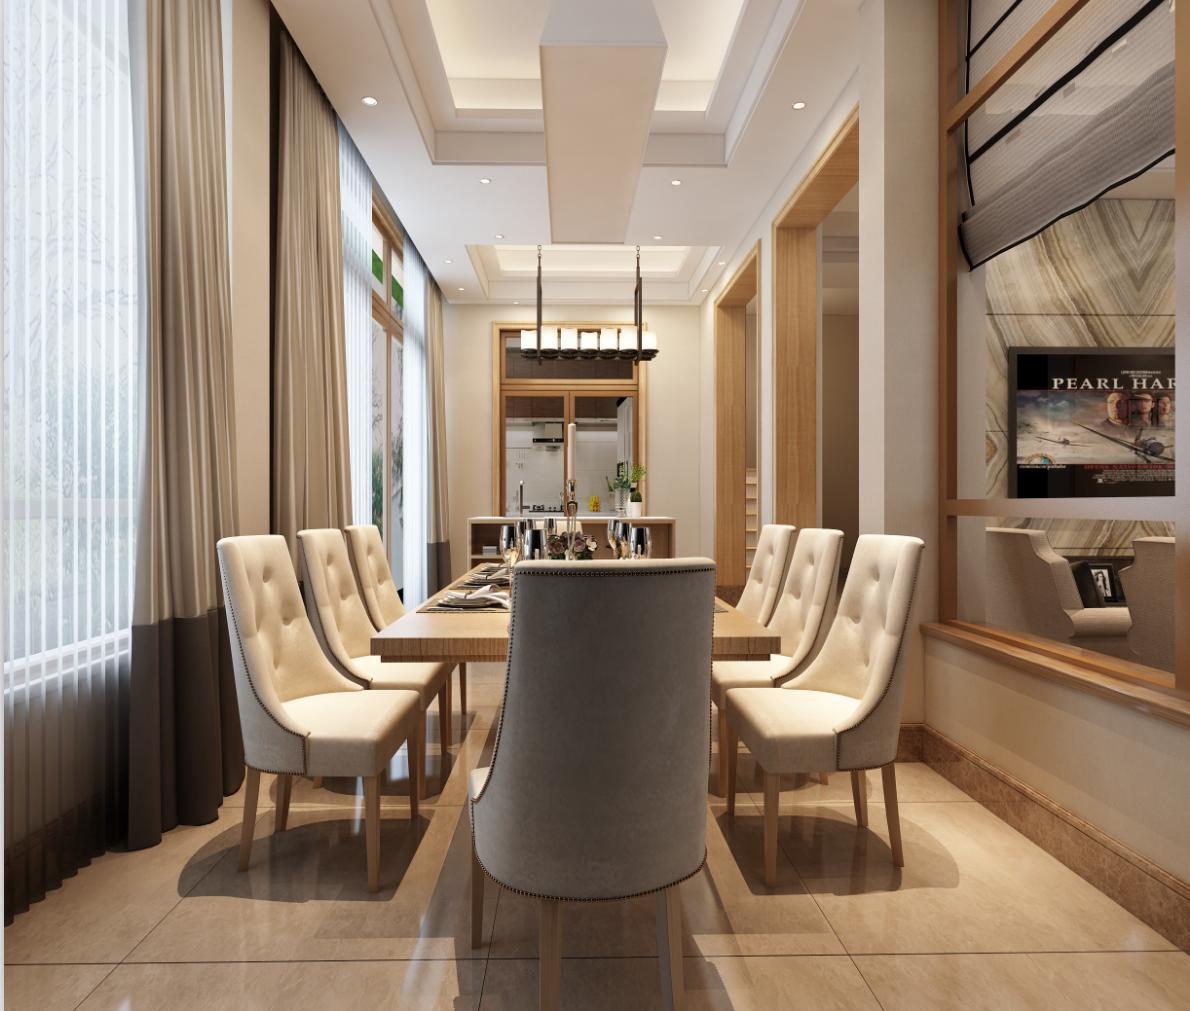 华贸东滩 东滩花园 别墅装修 现代简约 腾龙设计 餐厅图片来自孔继民在华贸东滩花园别墅装修现代风格的分享